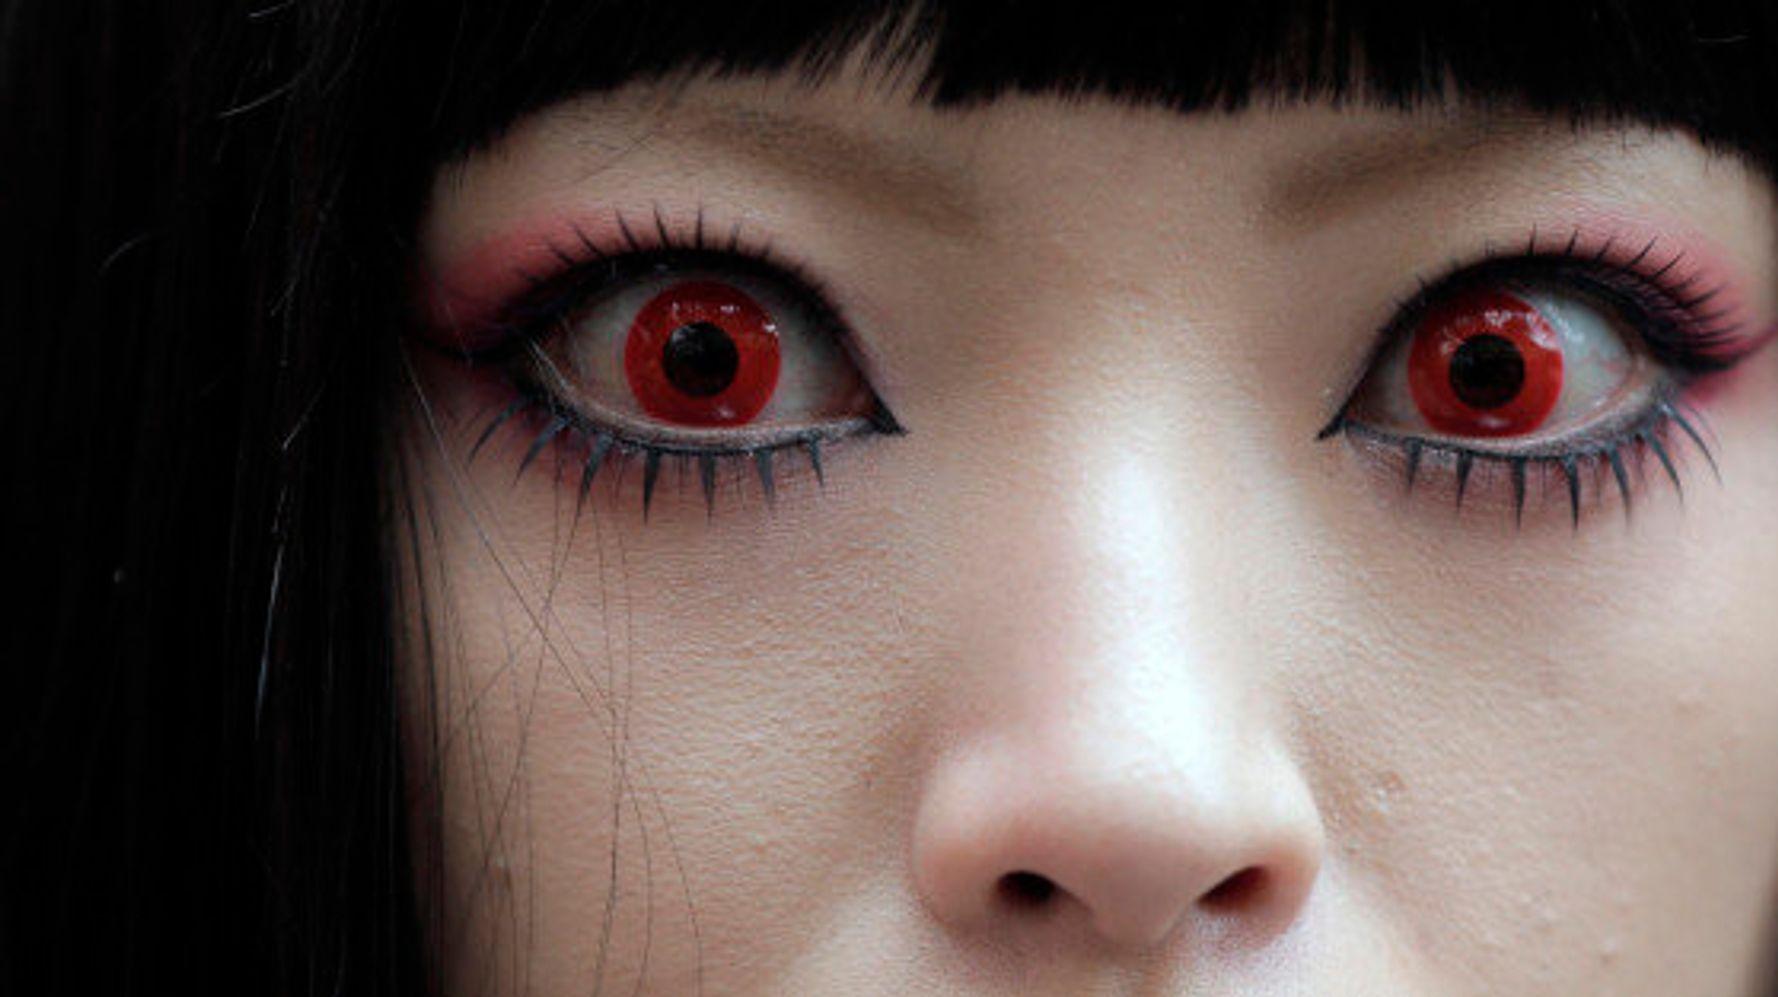 это фото глаза с красными зрачками дэвис